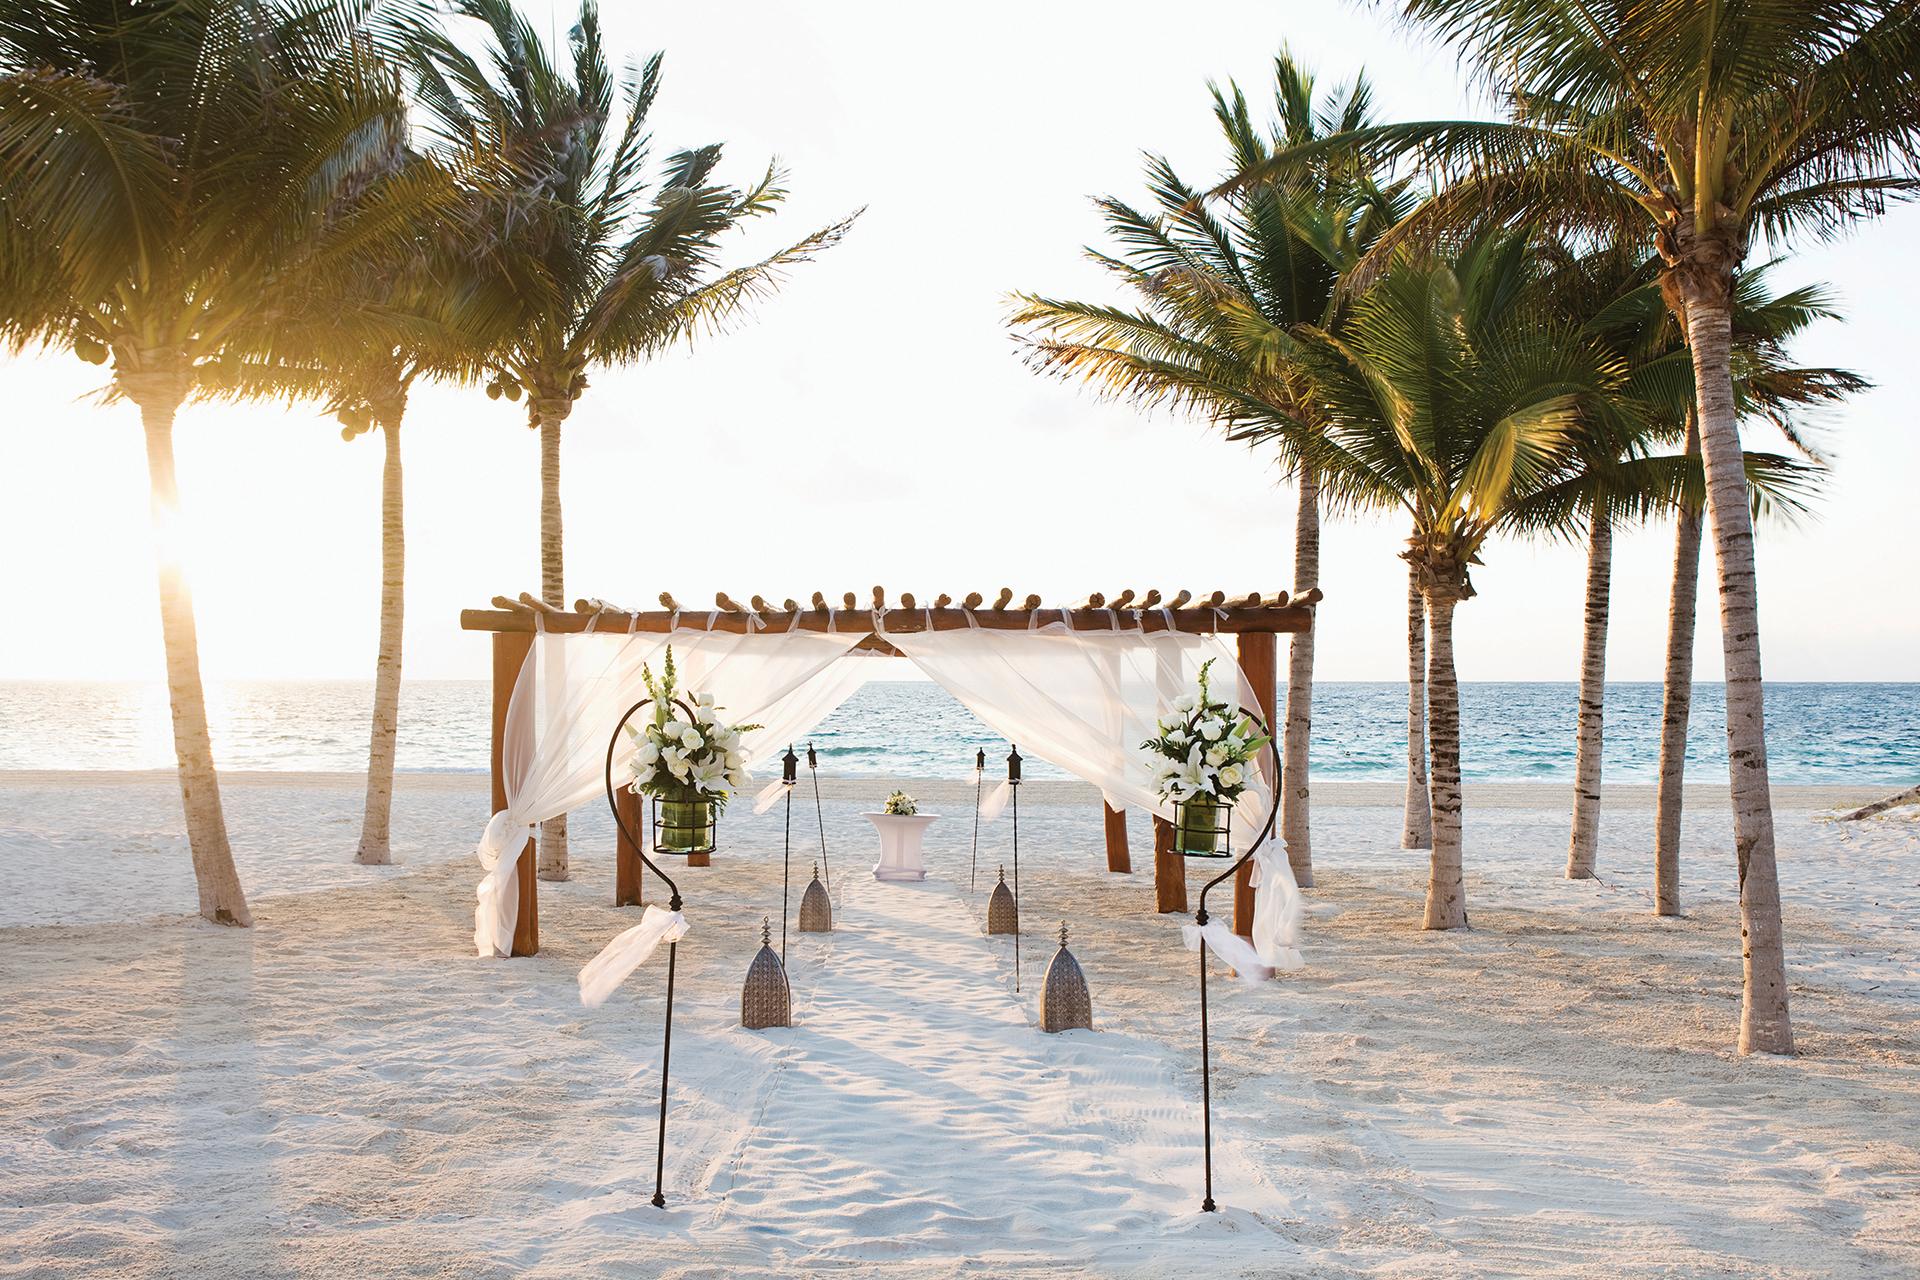 XPC_Beach_Wedding_Gazebo_01_LR.jpg